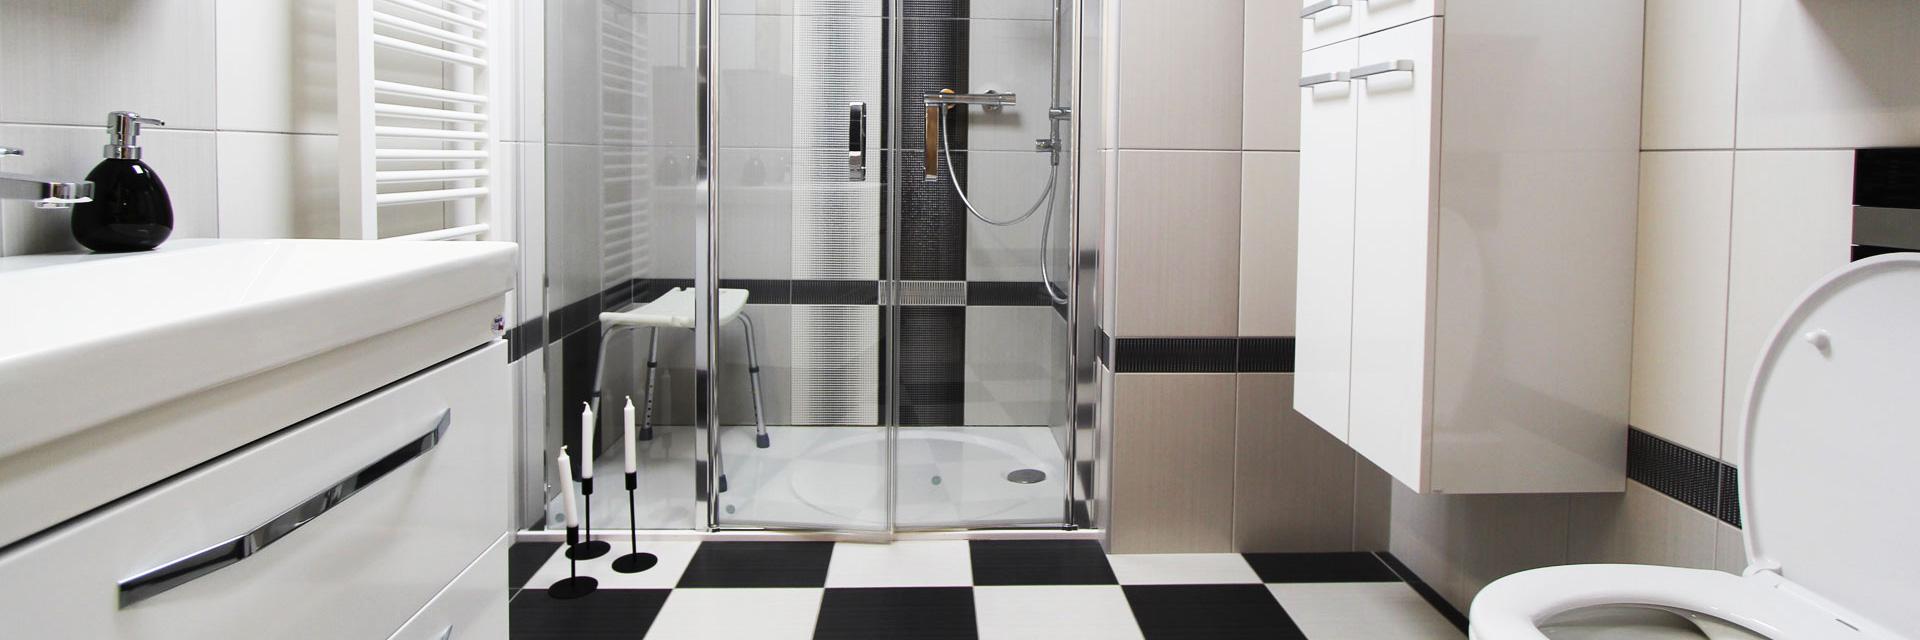 Koupelny-Sota-Kuchyne-Sota-slide (6)